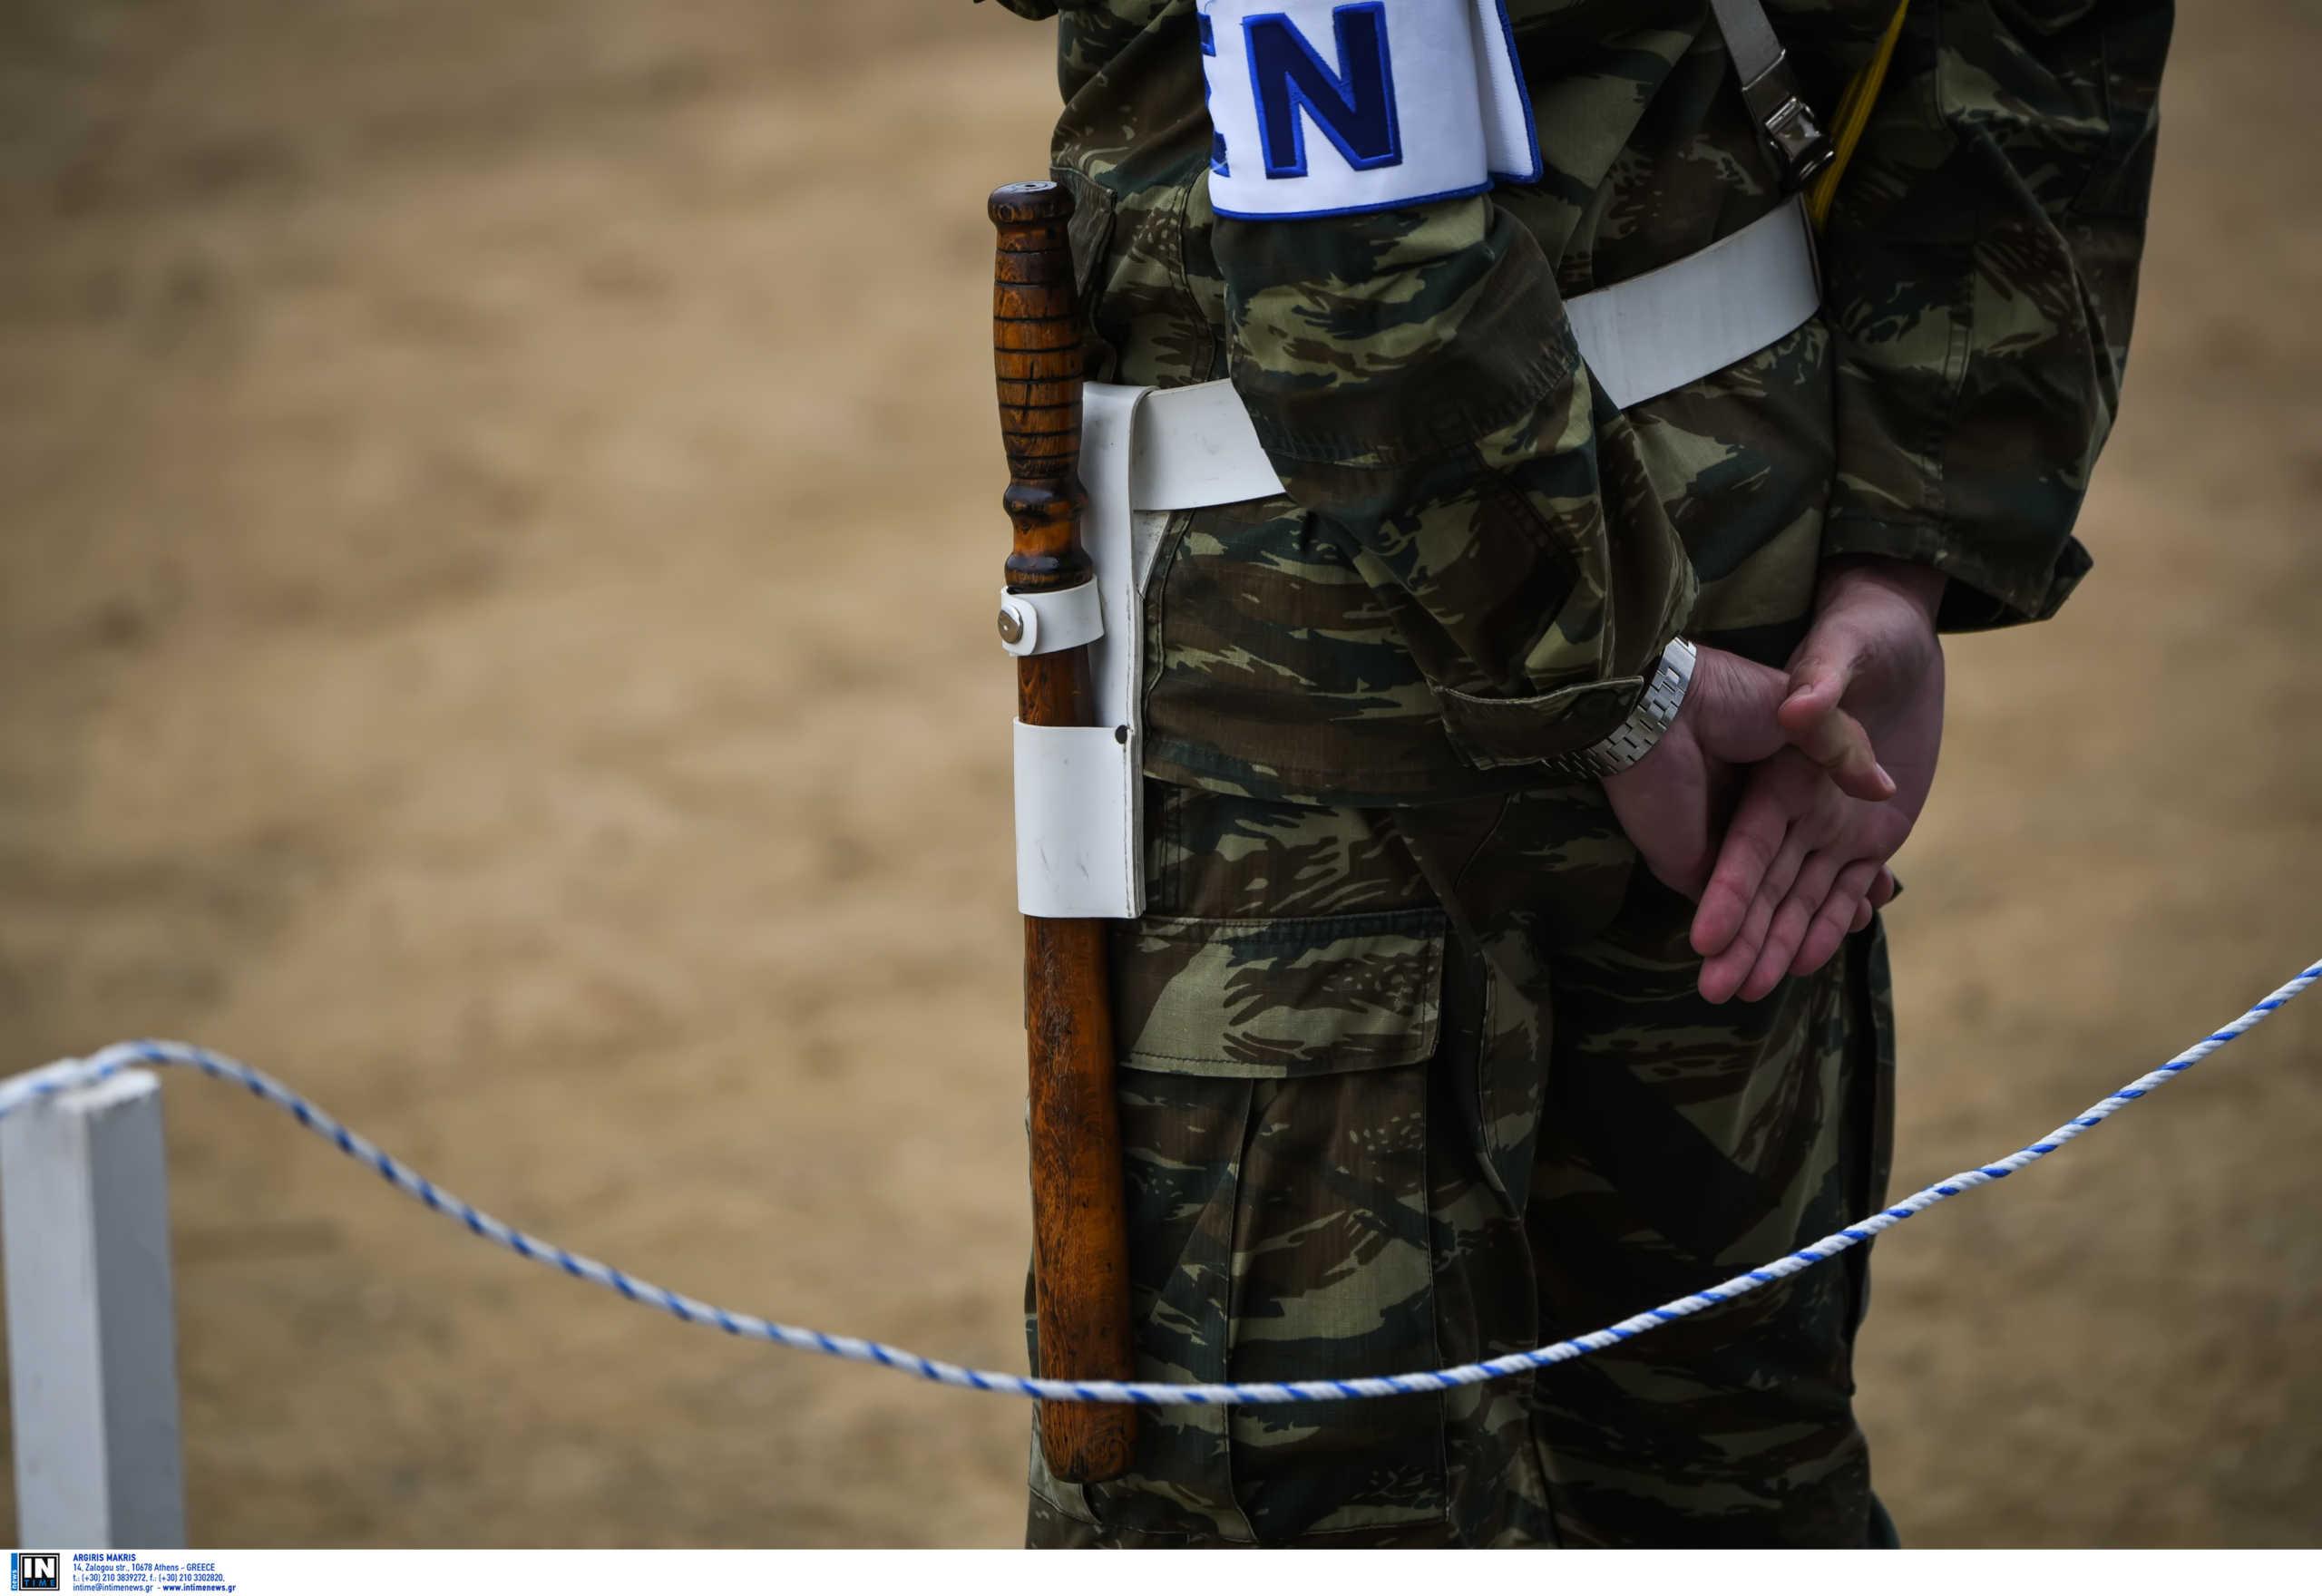 25η Μαρτίου: Οι εικόνες που δεν θα ξεχάσει κανείς στην Κοζάνη! Οι στρατονόμοι σήκωσαν ψηλά την ελληνική σημαία (Βίντεο)